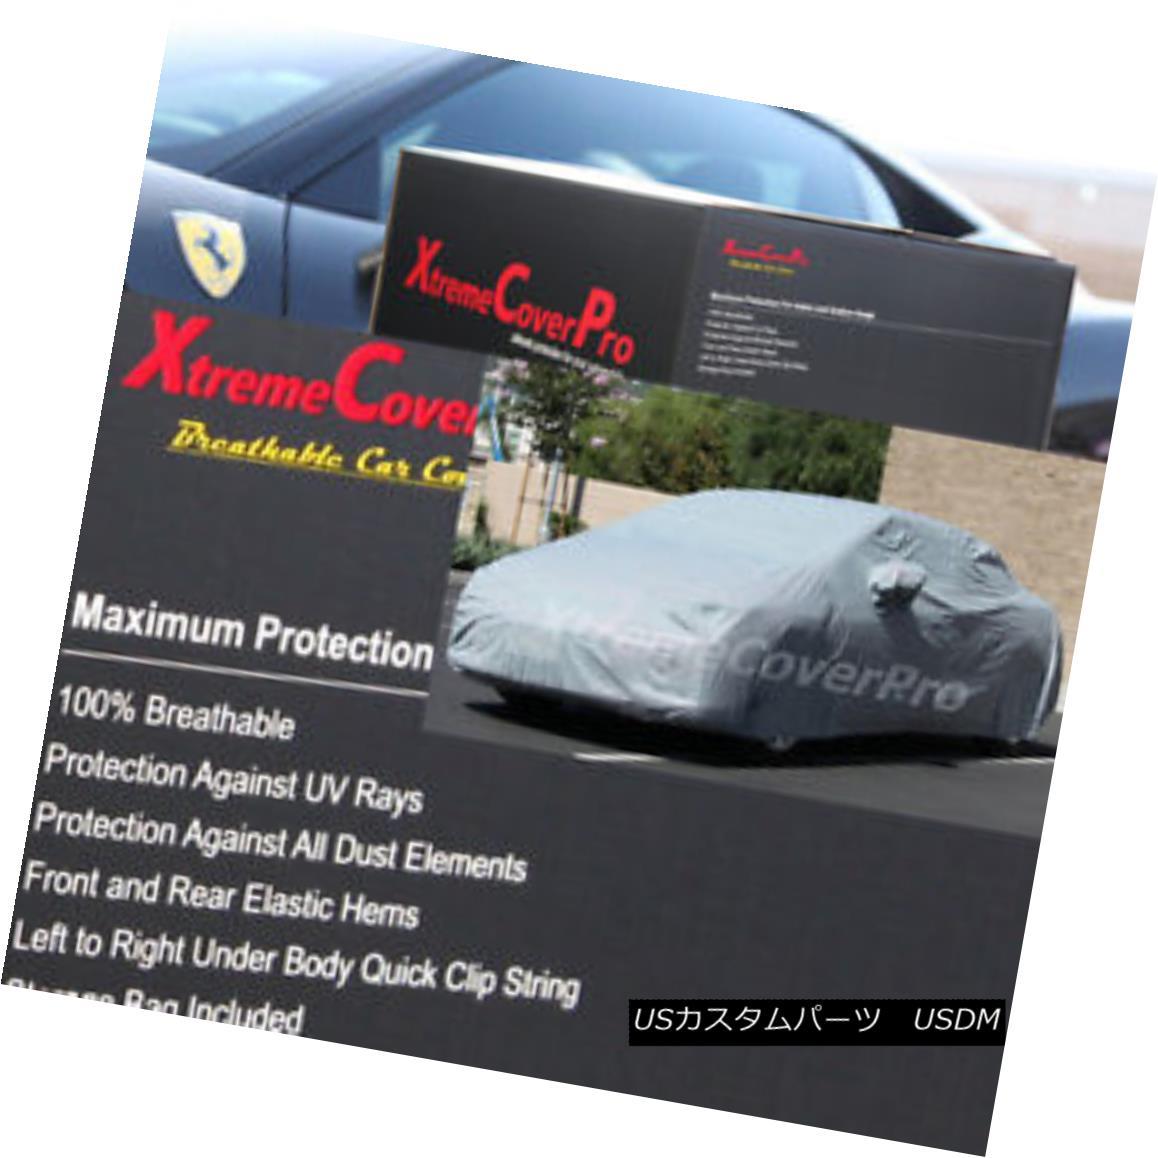 カーカバー 2012 Volkswagen Passat Breathable Car Cover w/MirrorPocket 2012年フォルクスワーゲンパサート通気性車カバー付きMirrorPocket